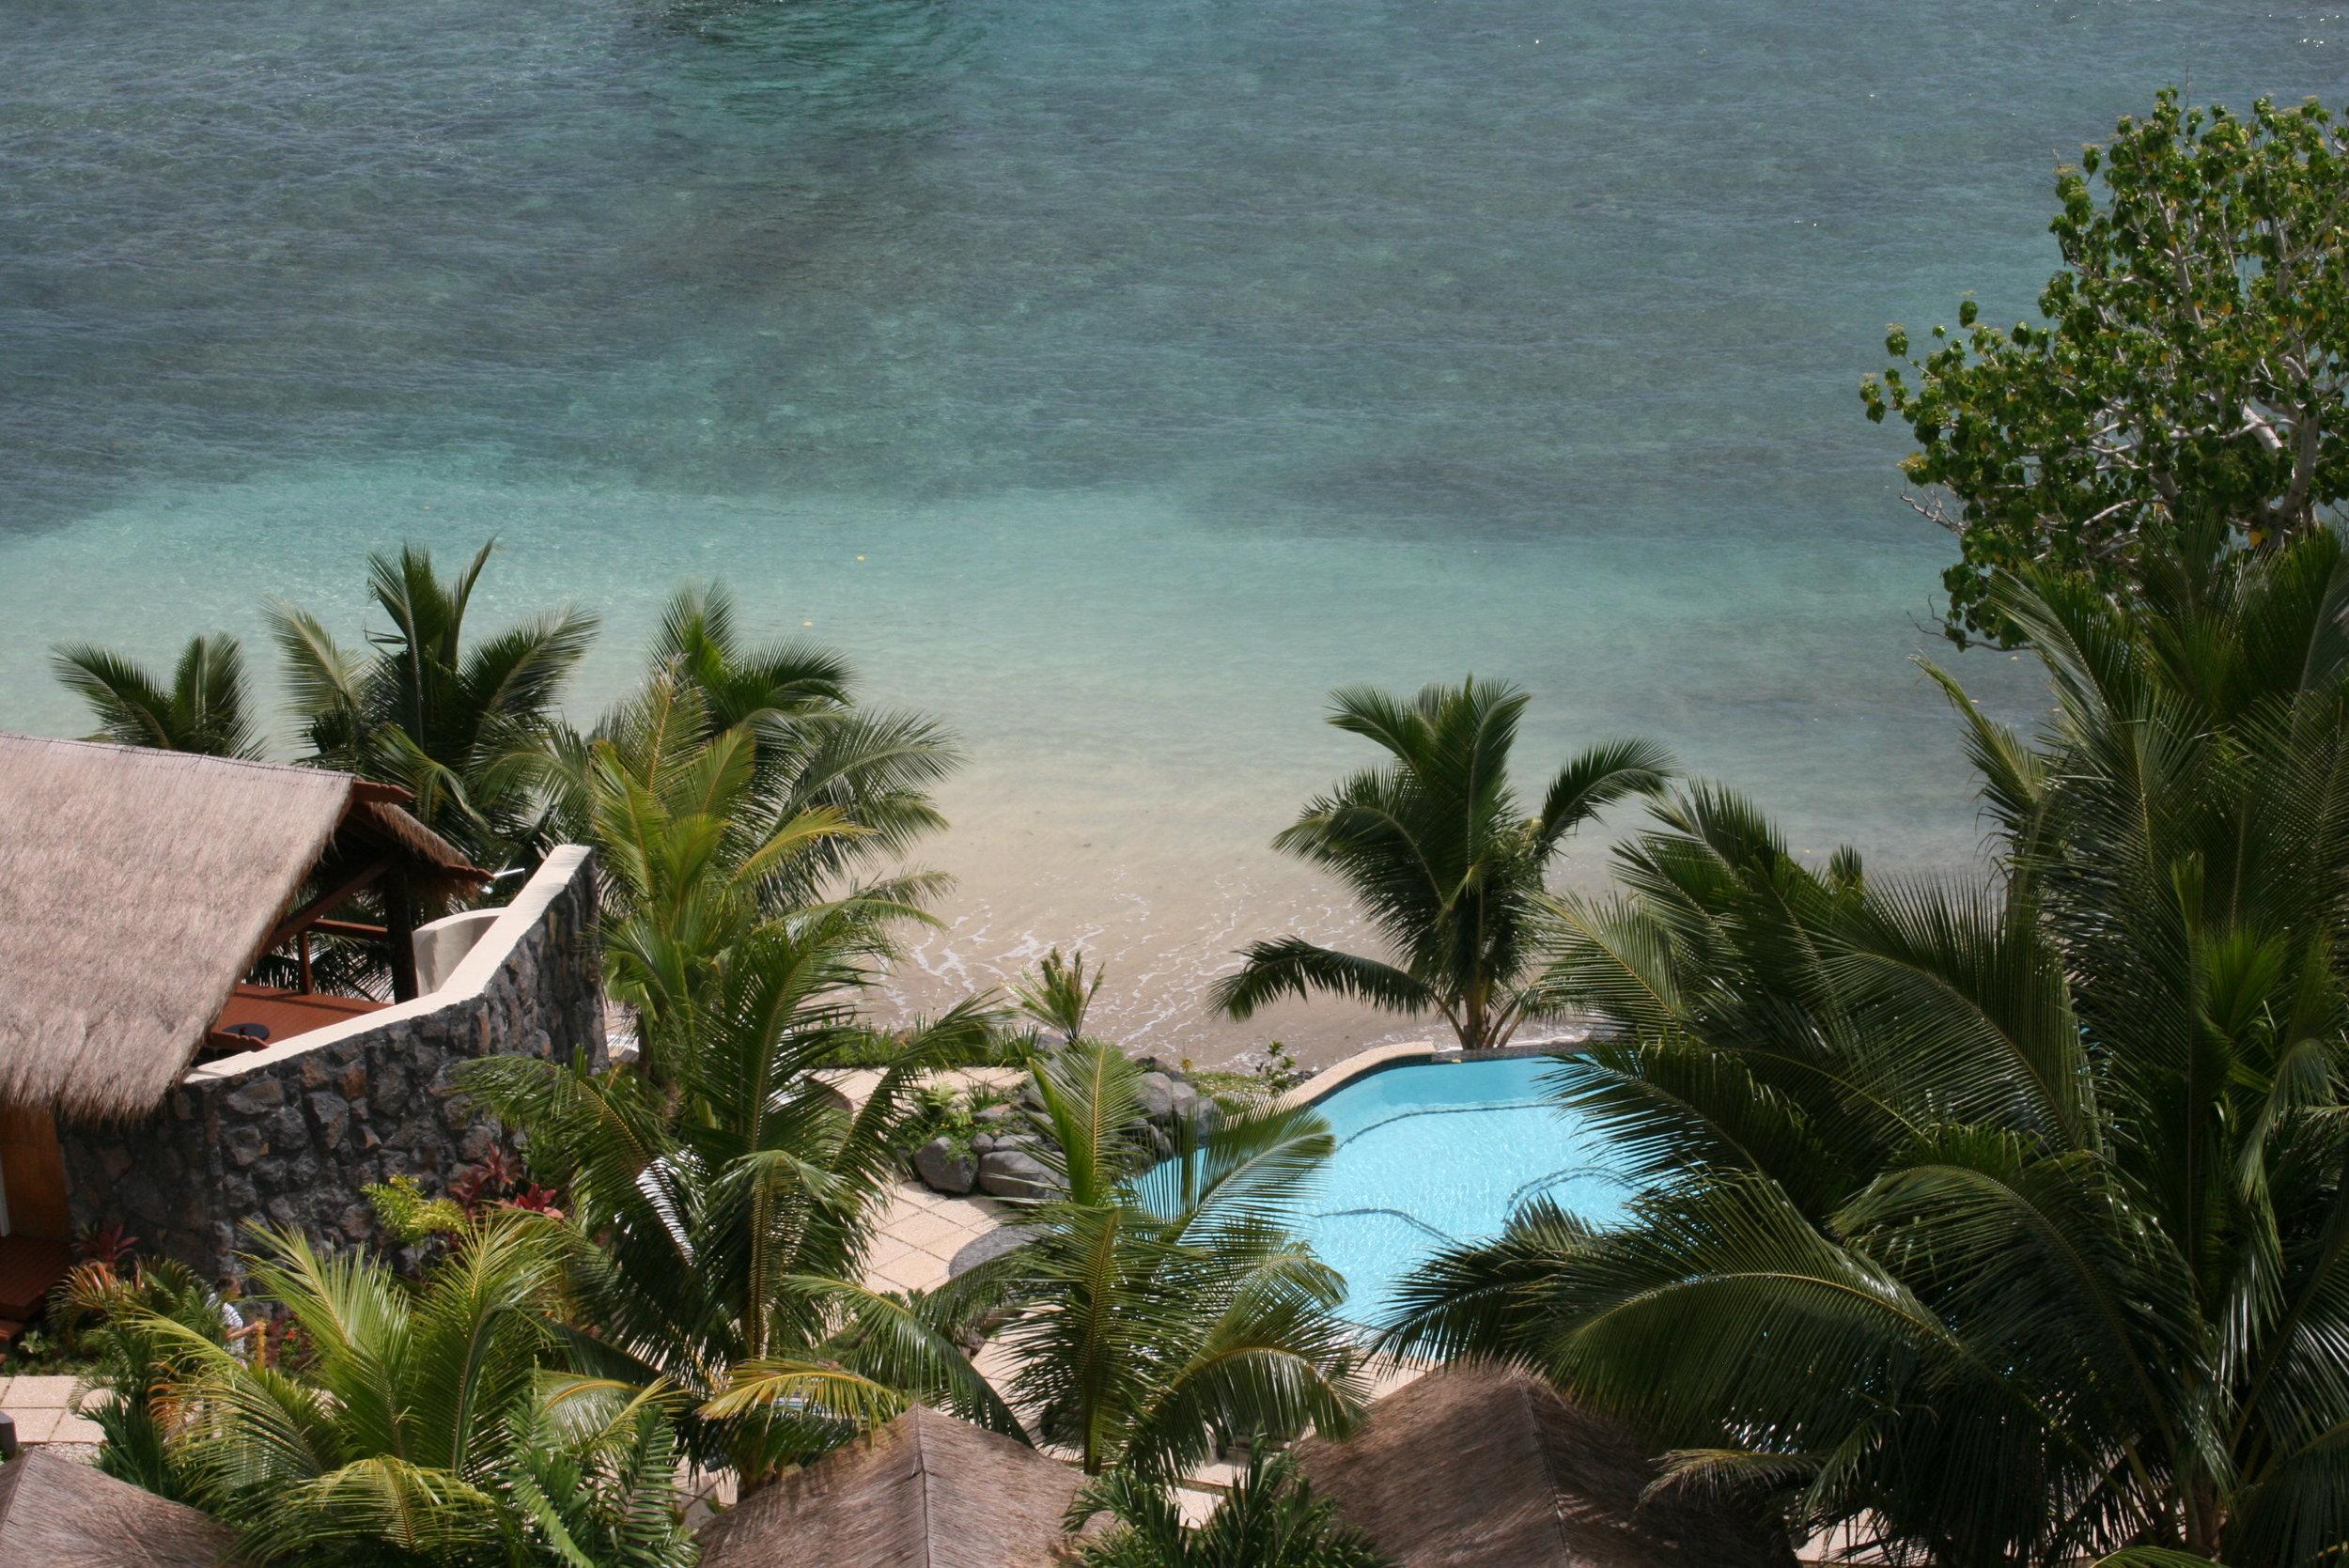 seabreeze resort aufagna south coast samoa 03.jpg